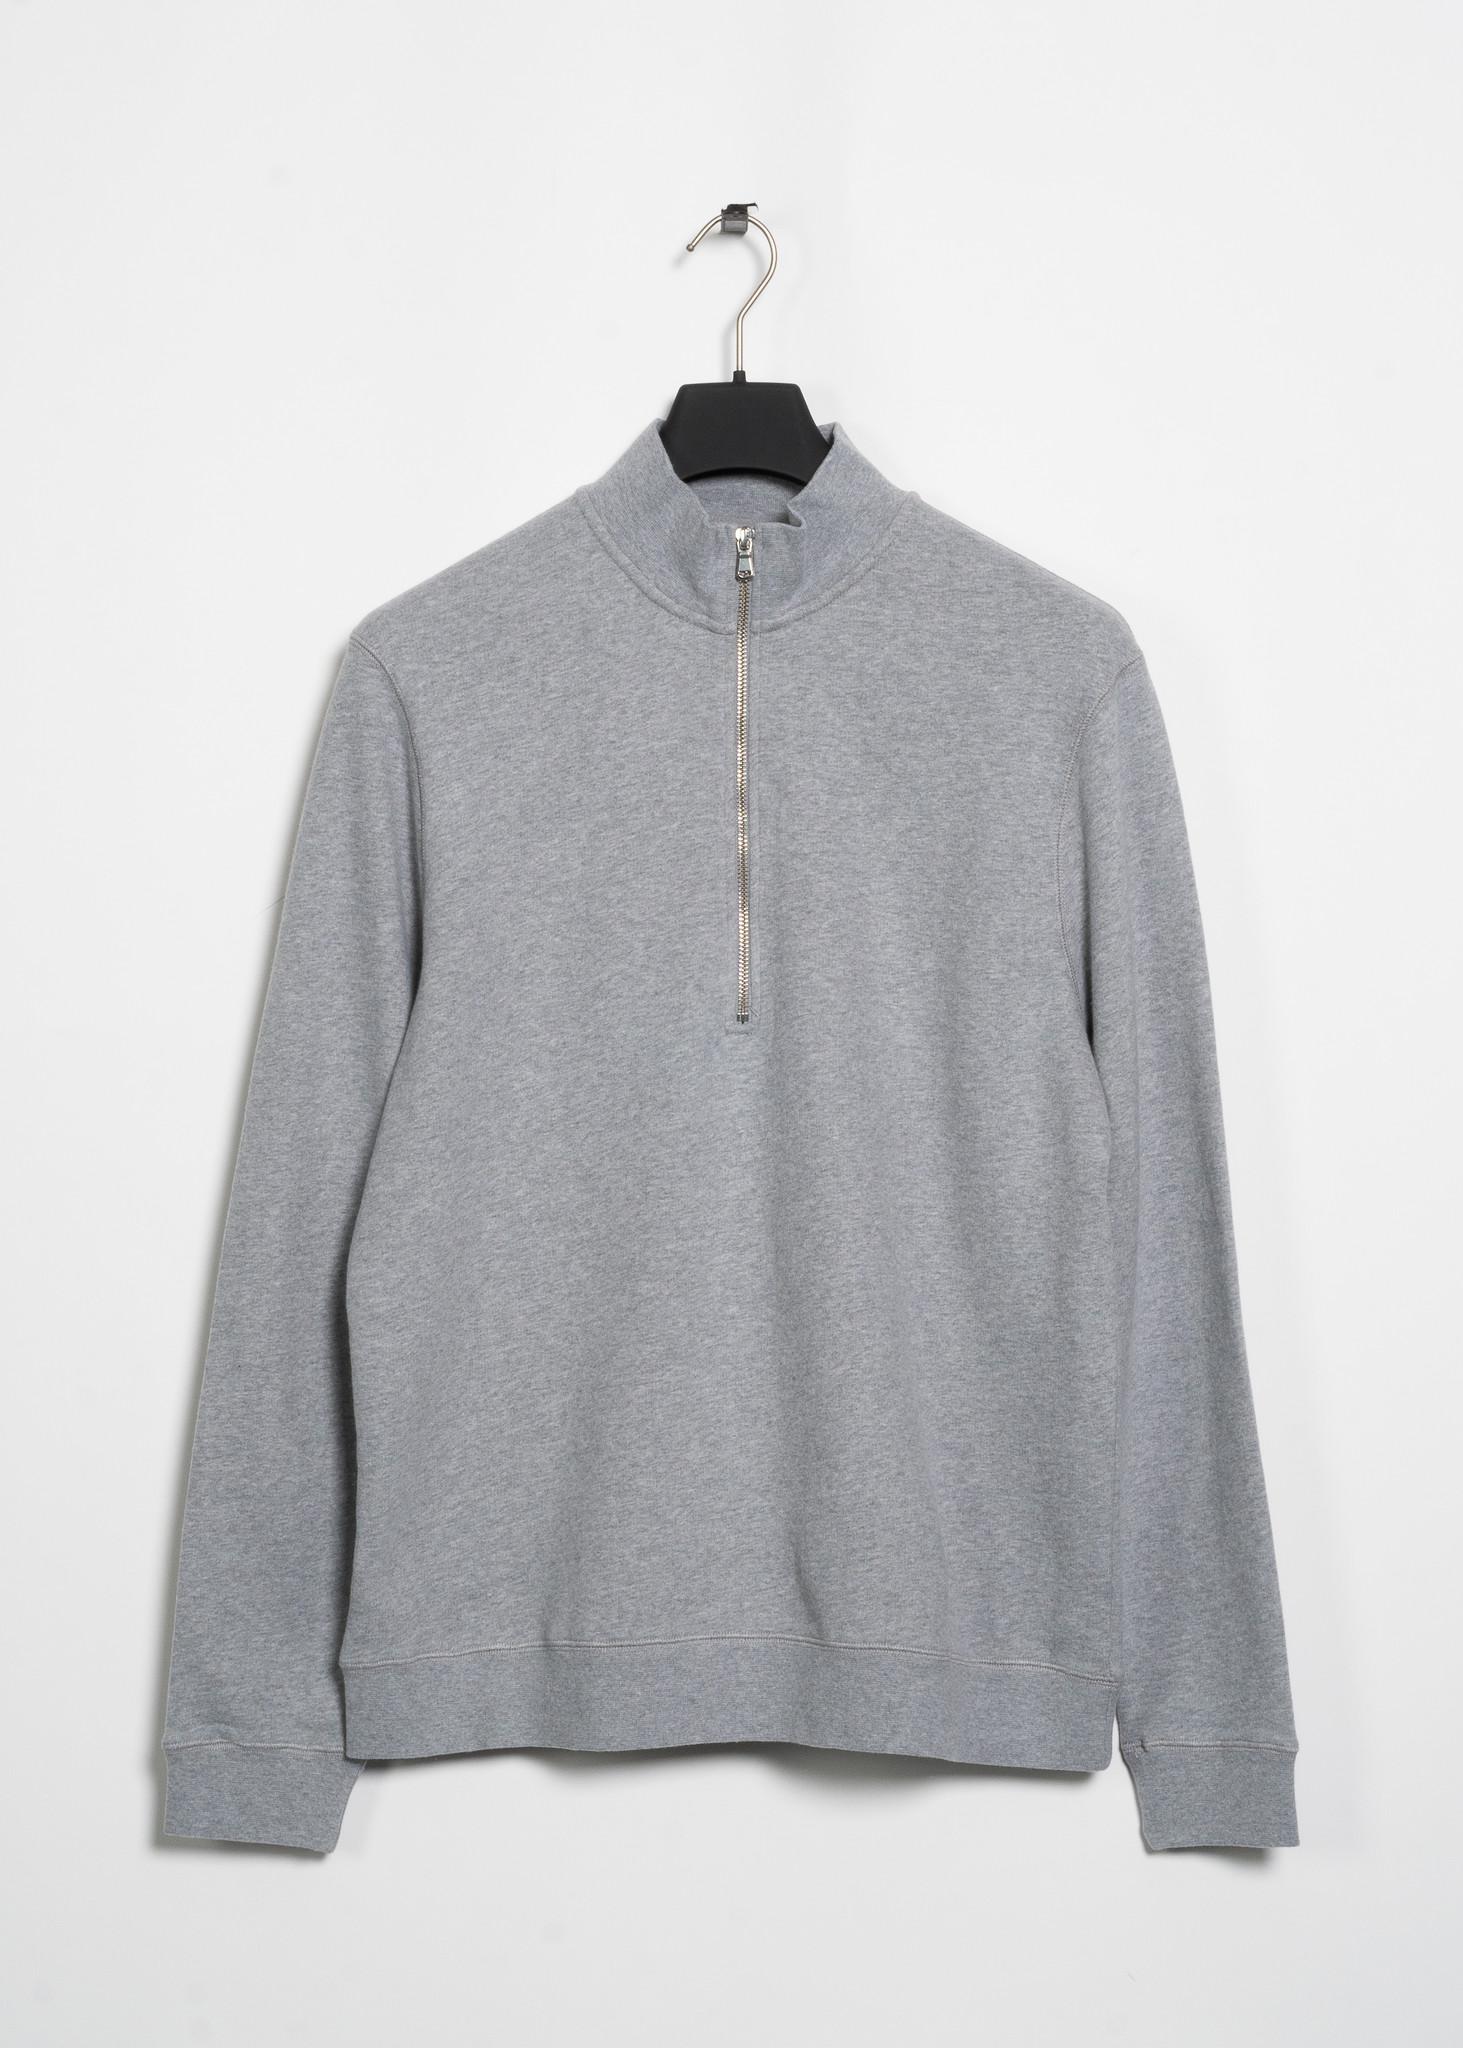 Grey Half-Zip Loopback Sweater